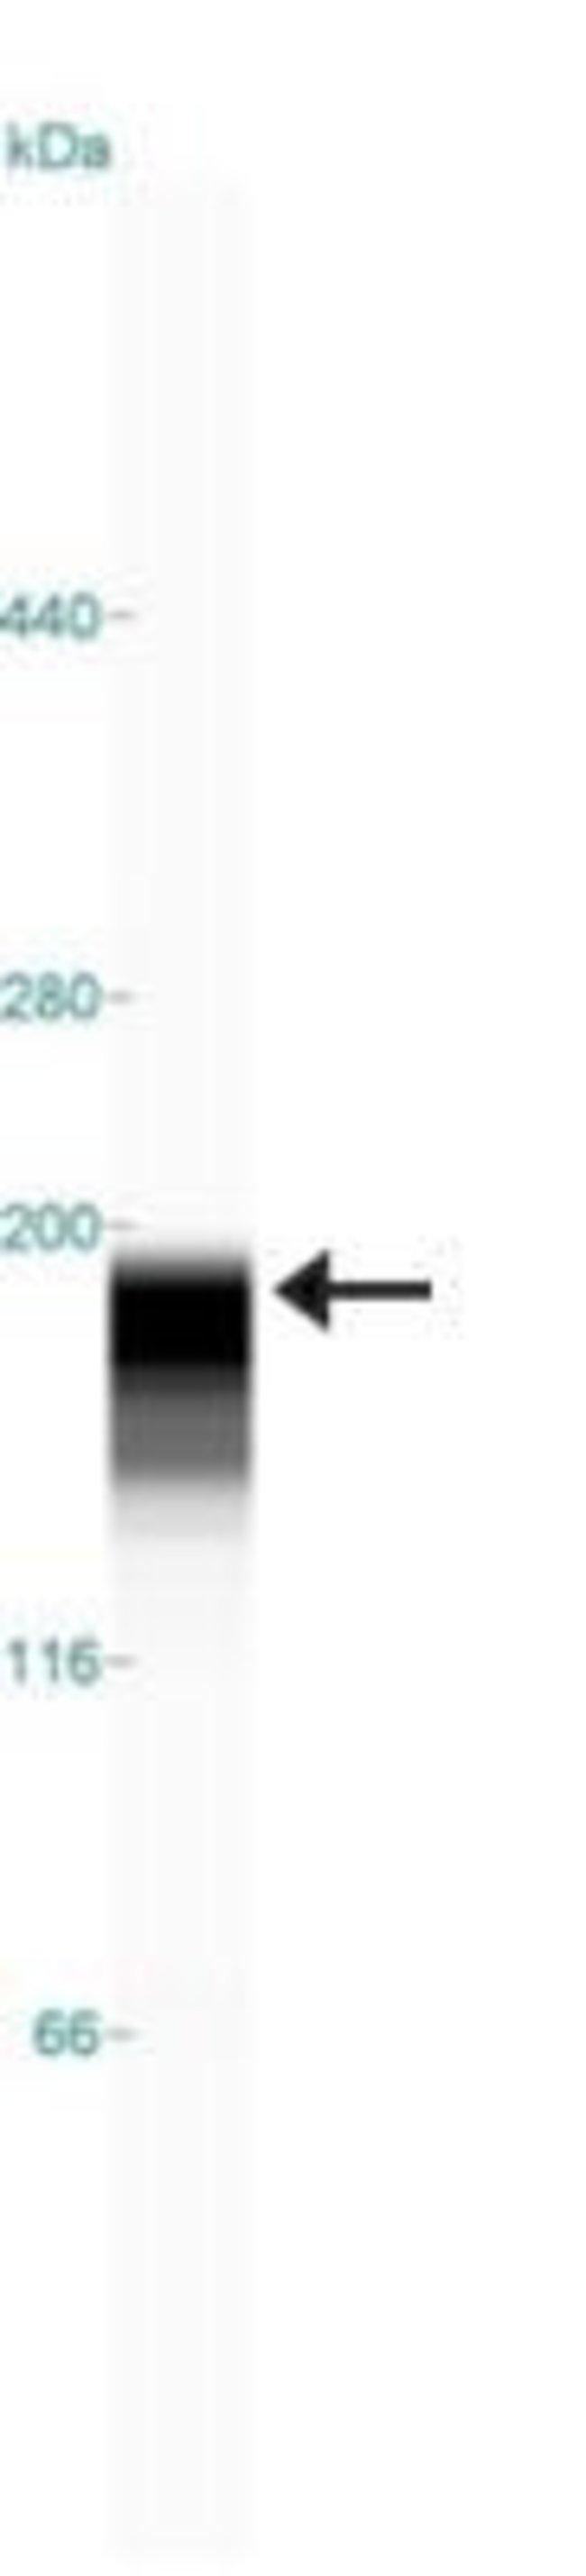 anti-ATAD2, Polyclonal, Novus Biologicals:Antibodies:Primary Antibodies